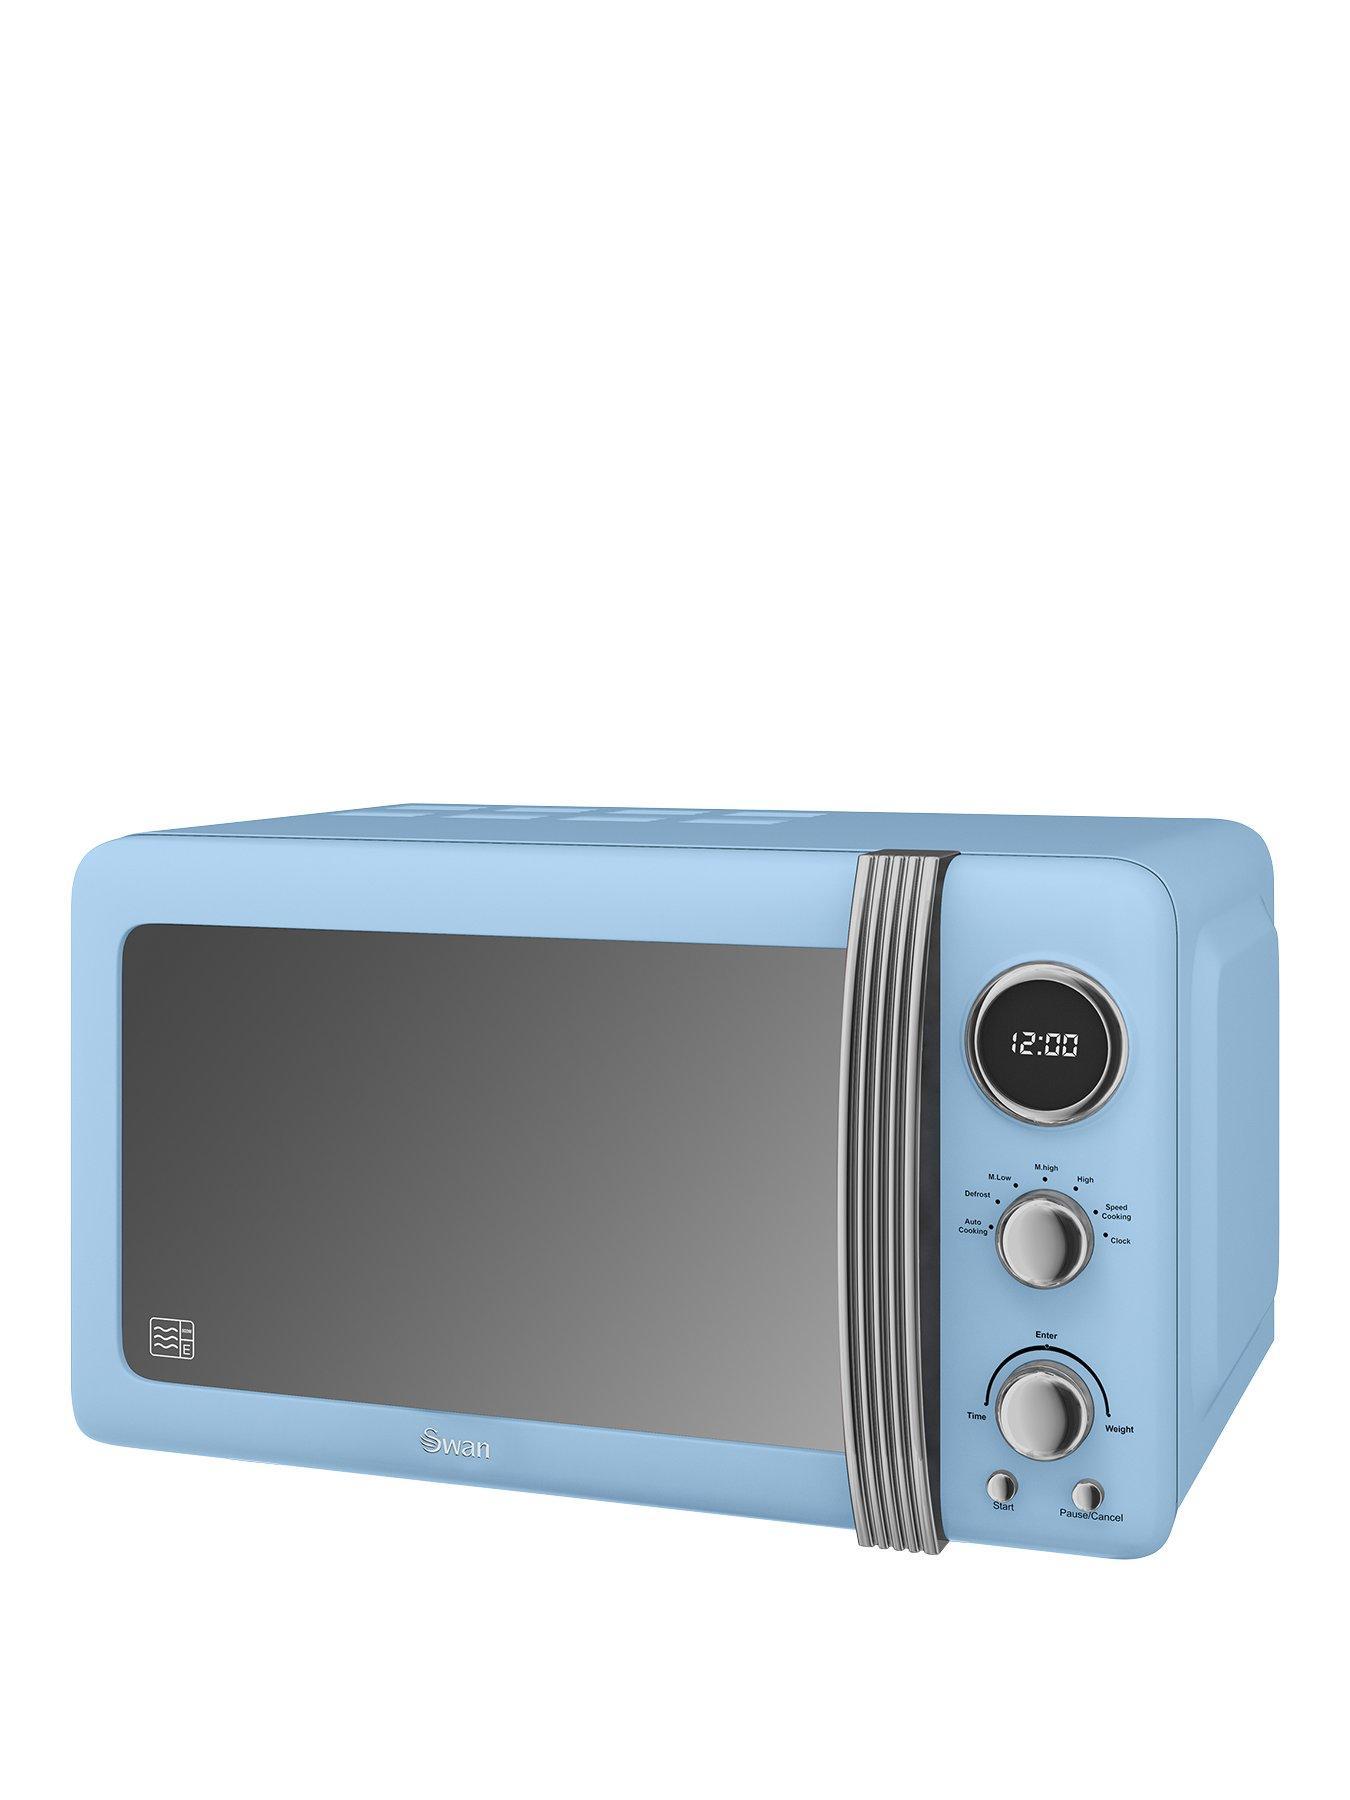 sm22030bln retro 20 litre digital microwave blue